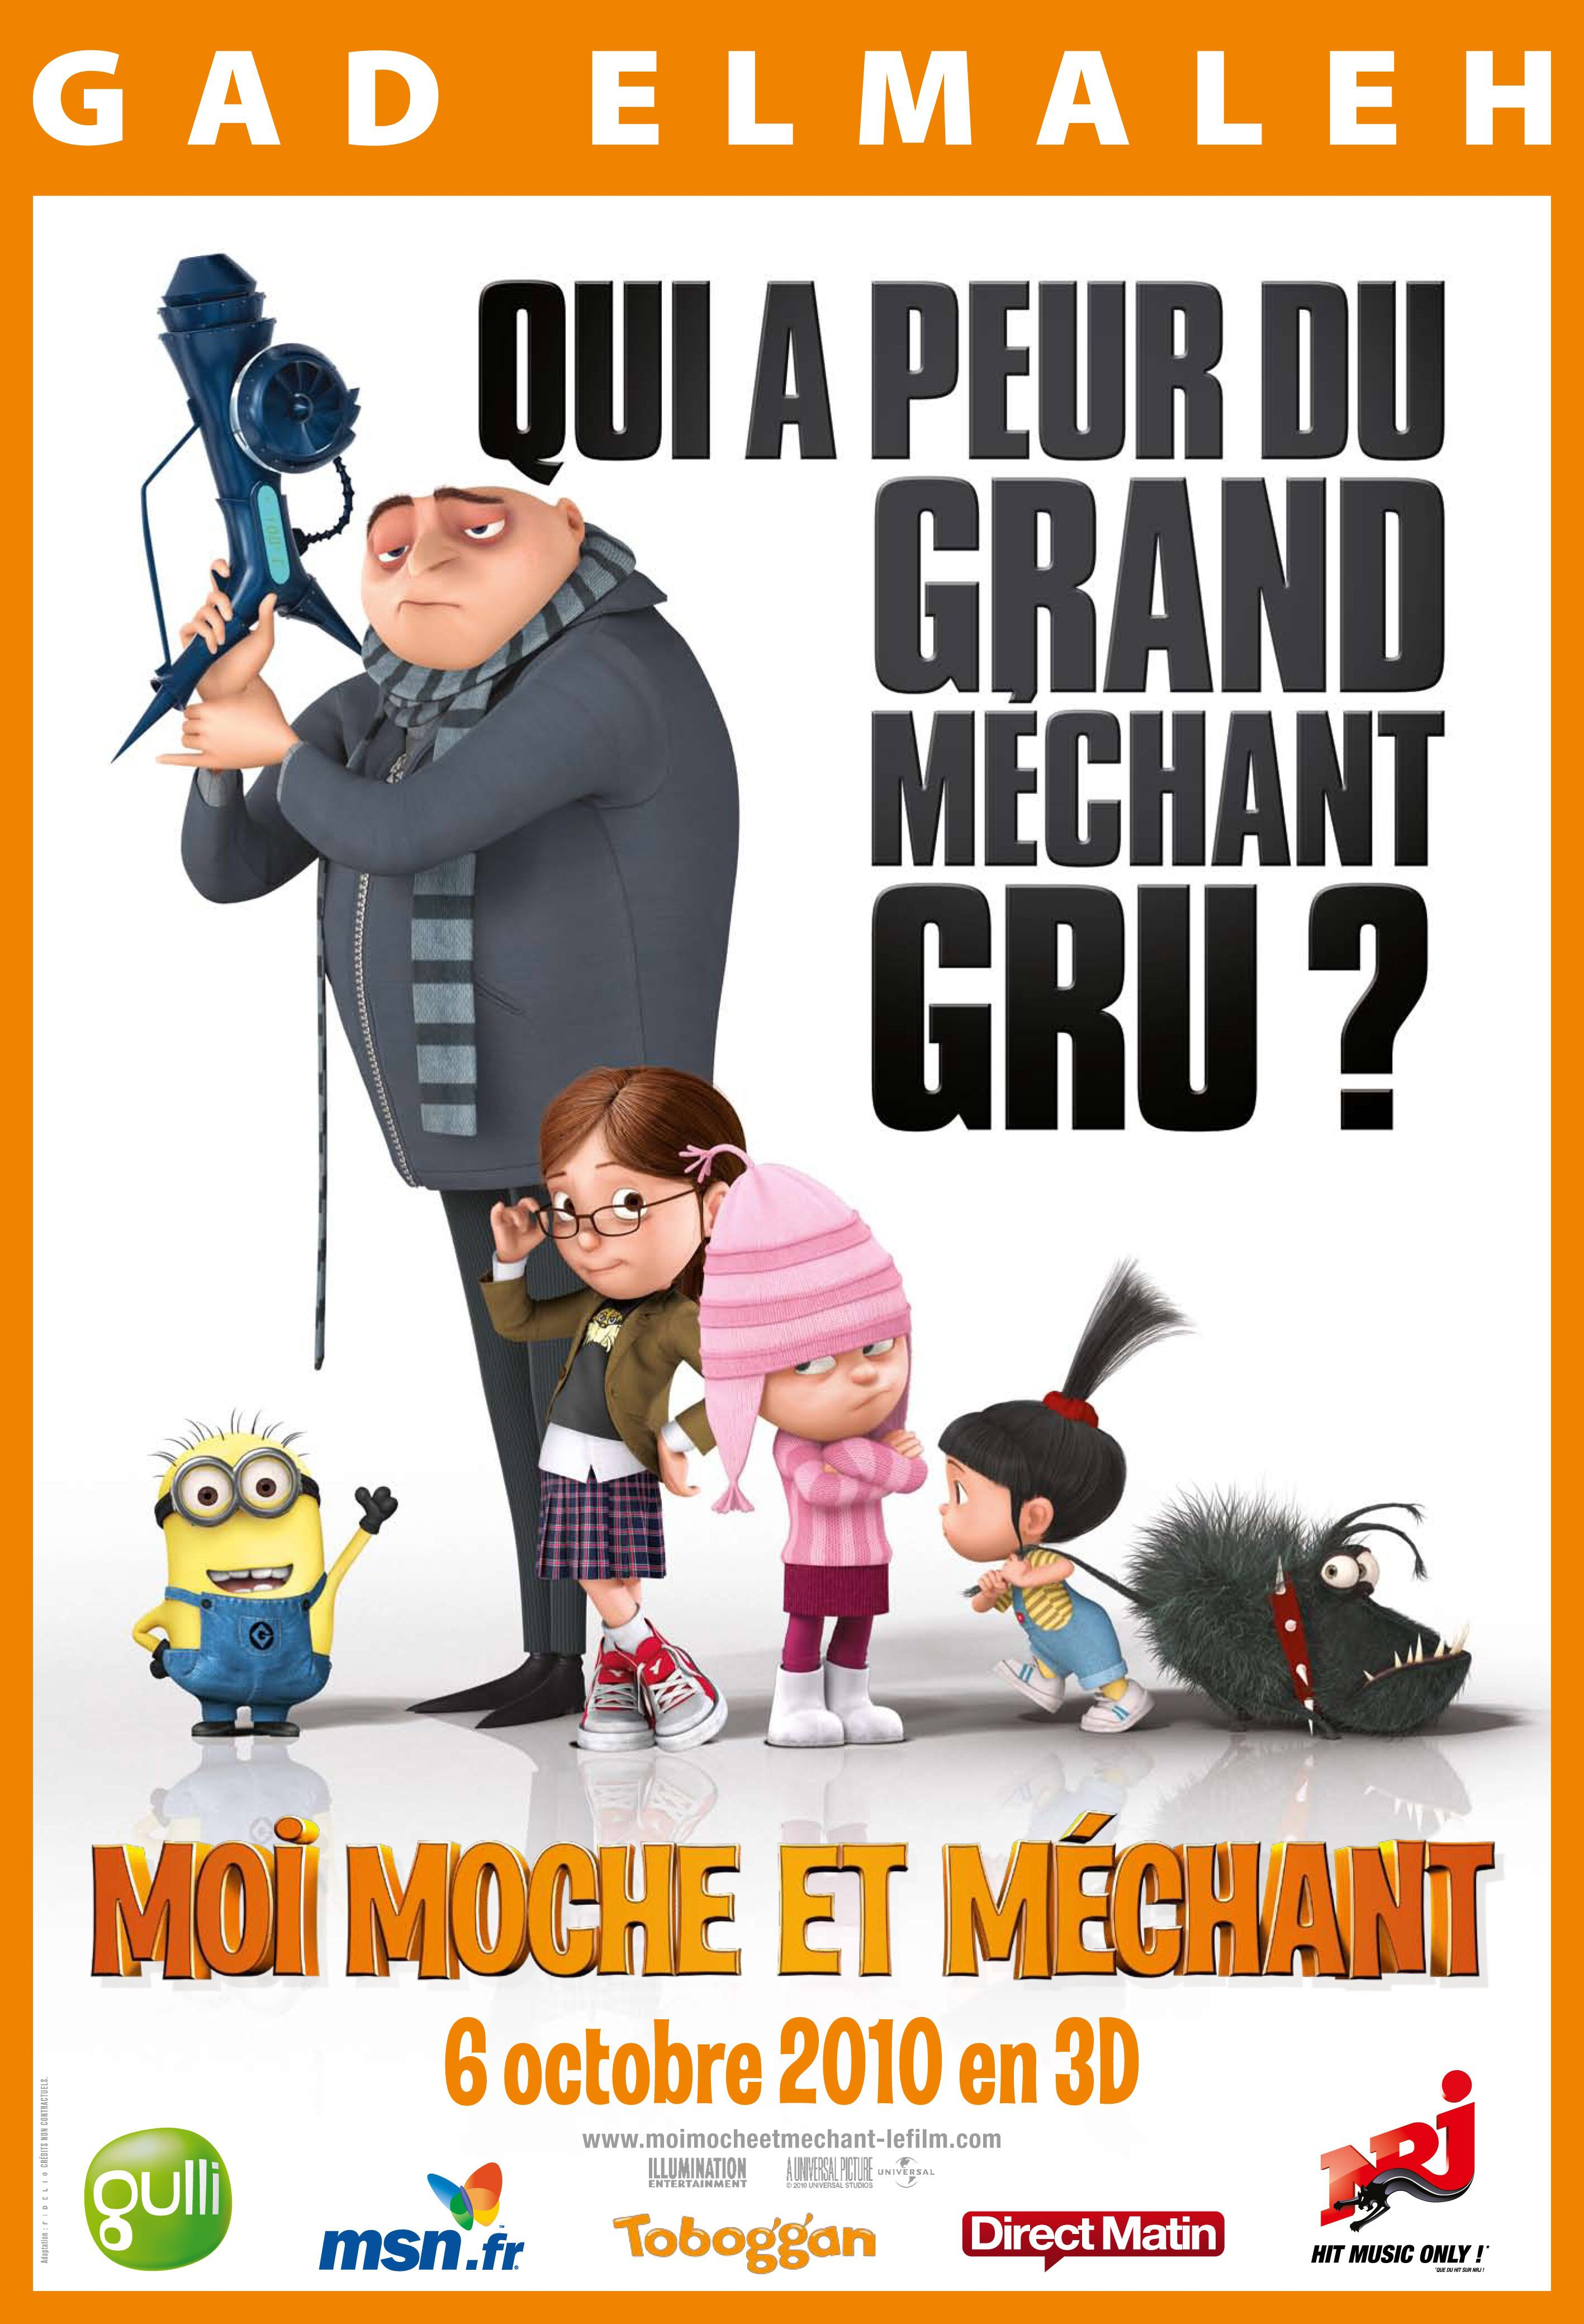 Moi Moche Et Mechant Moi Moche Et Mechant Mechant Film